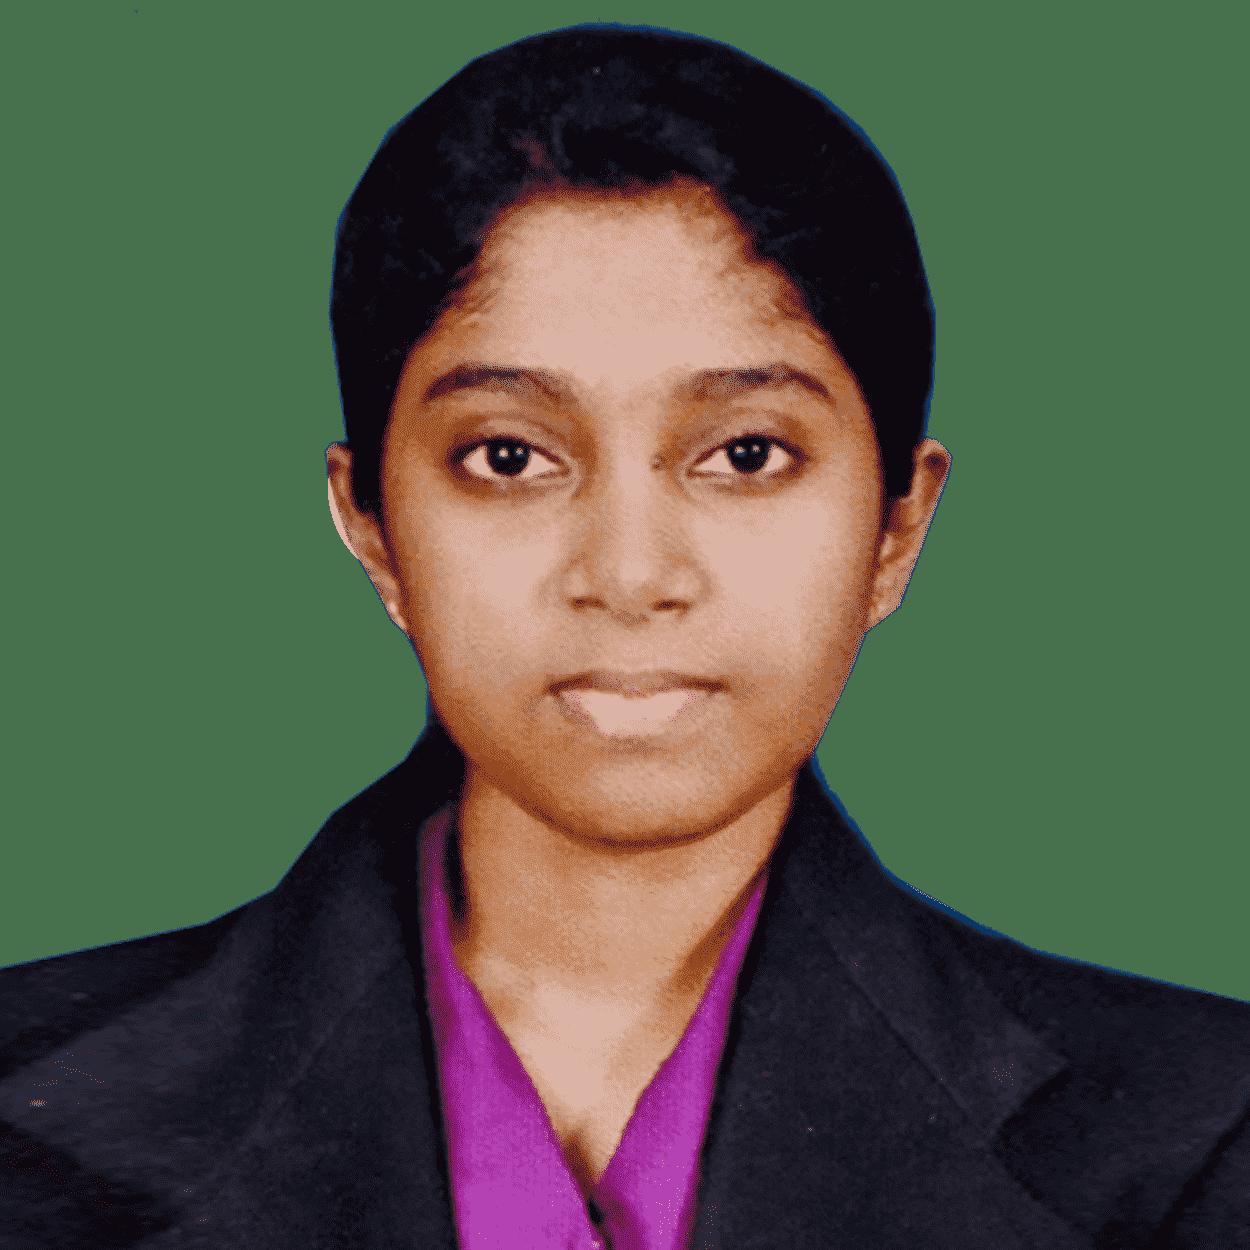 srilanka-min-min